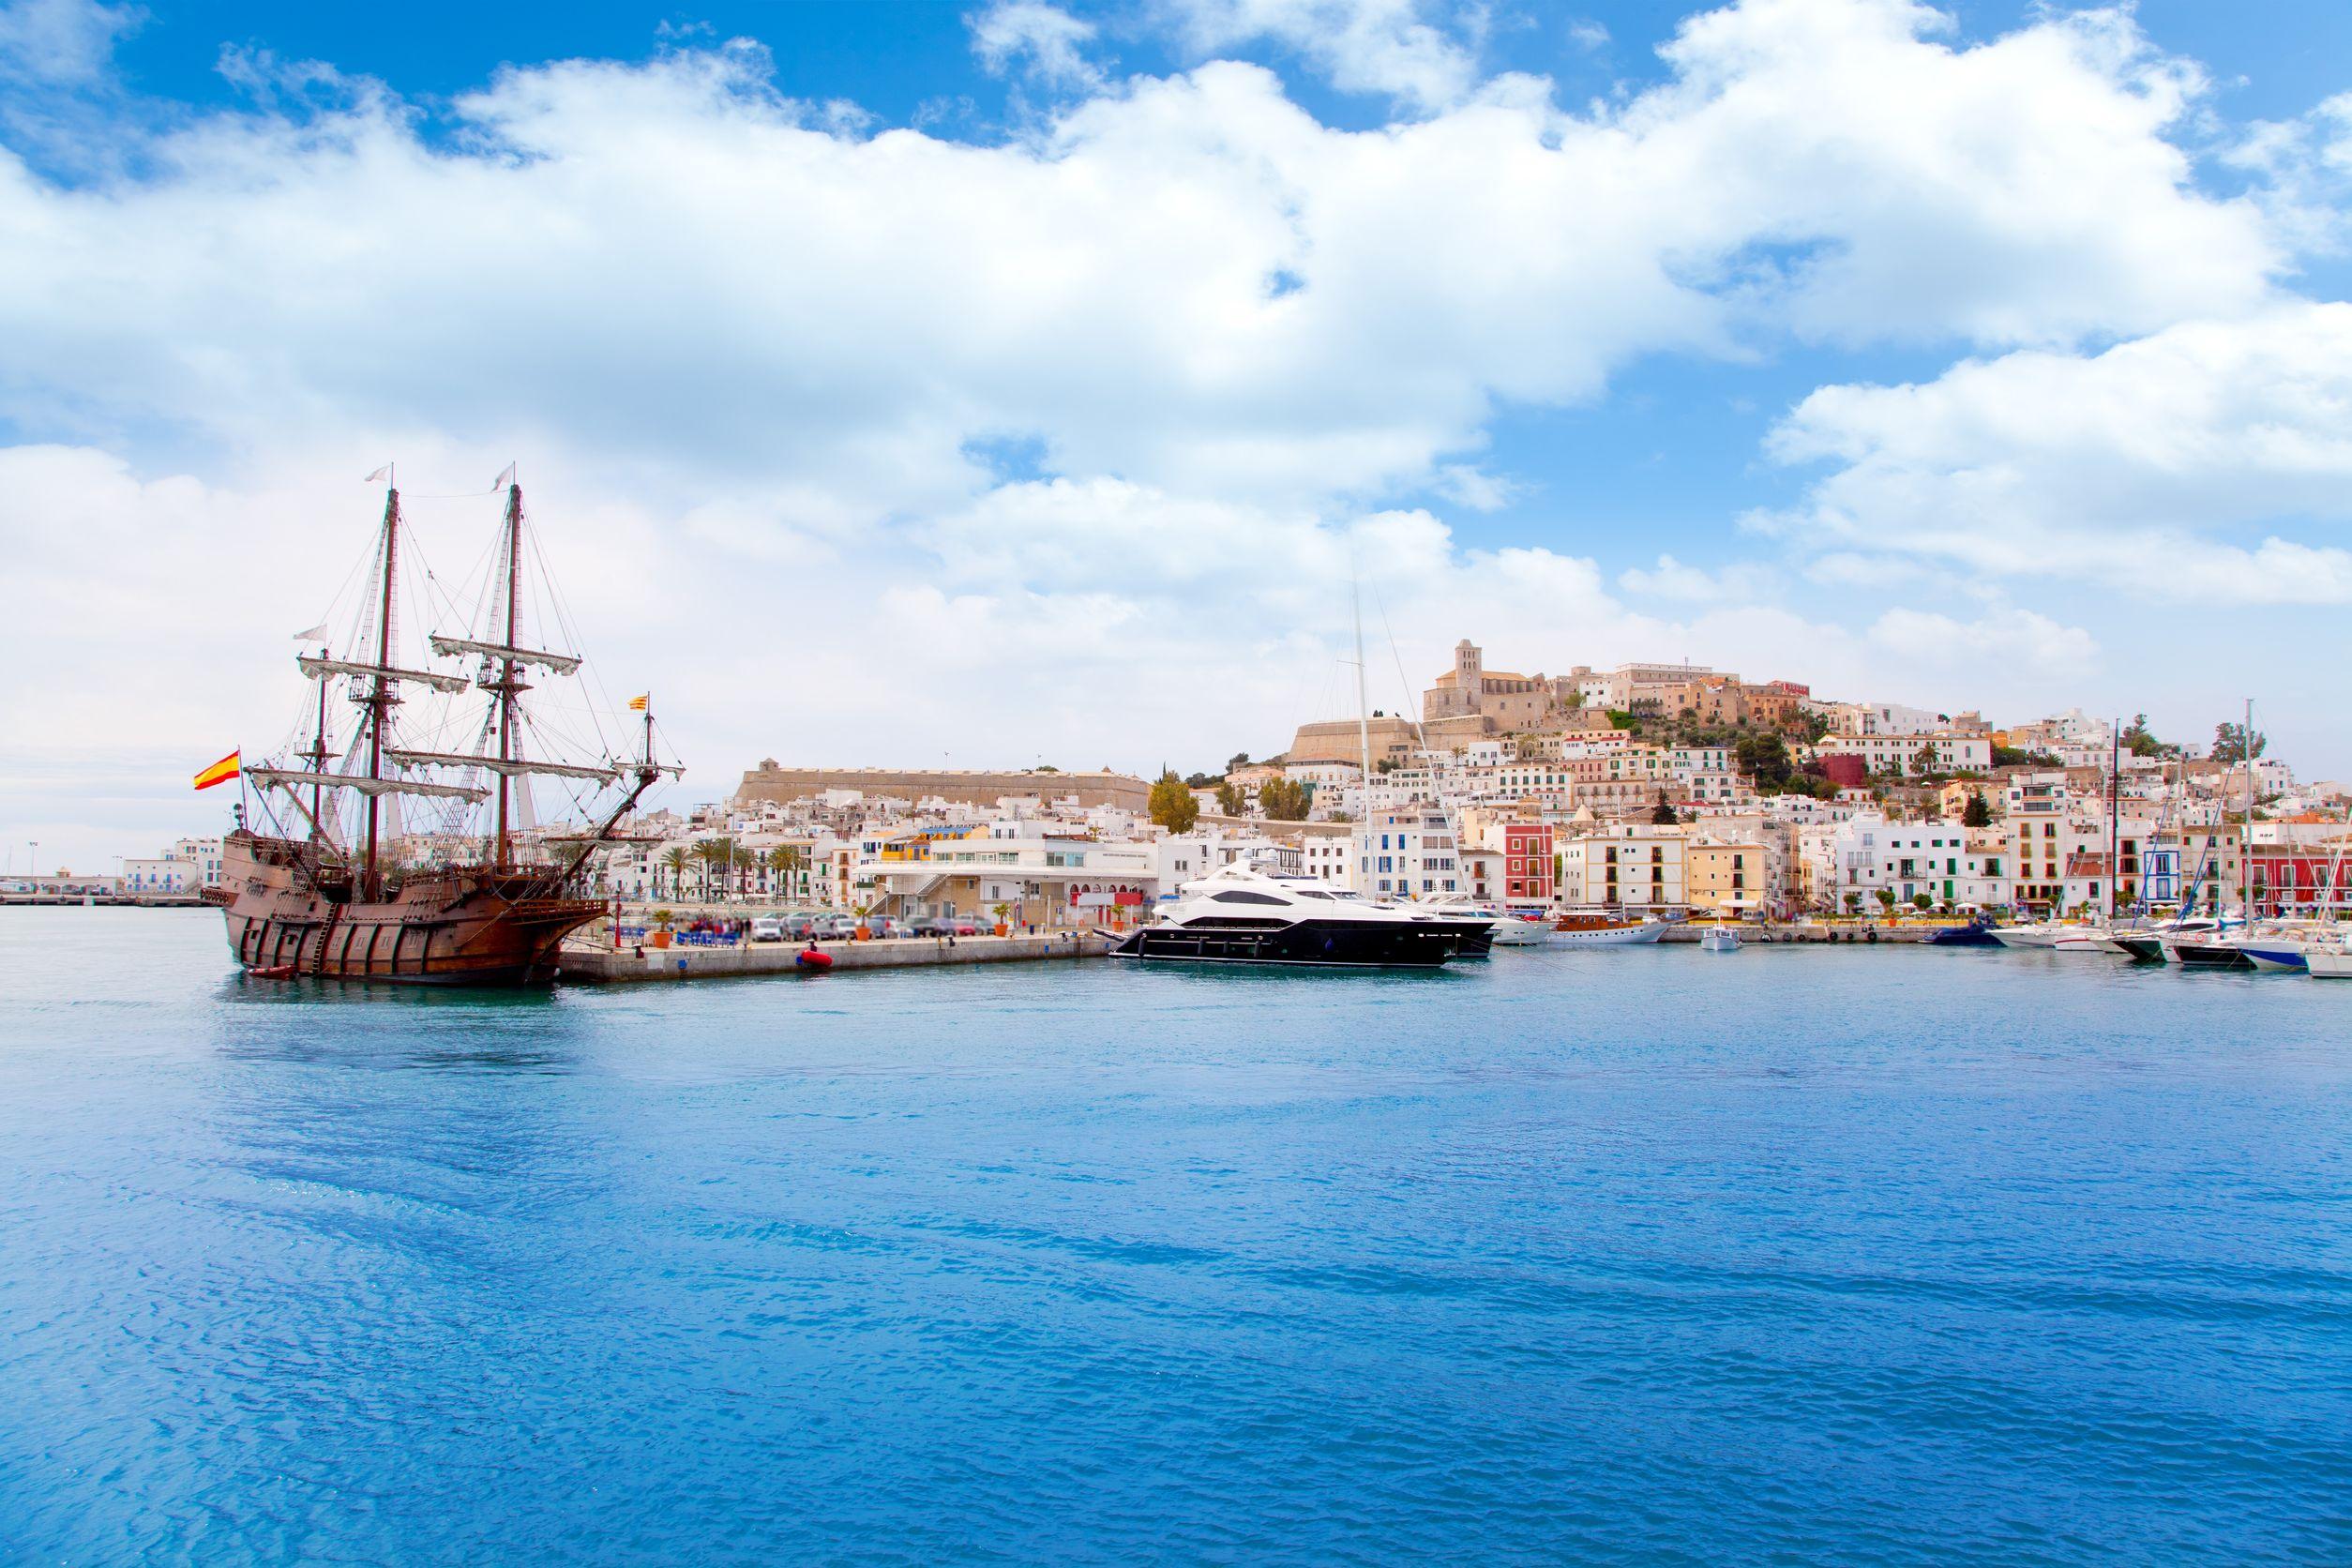 جزيرة ابيزا إسبانيا